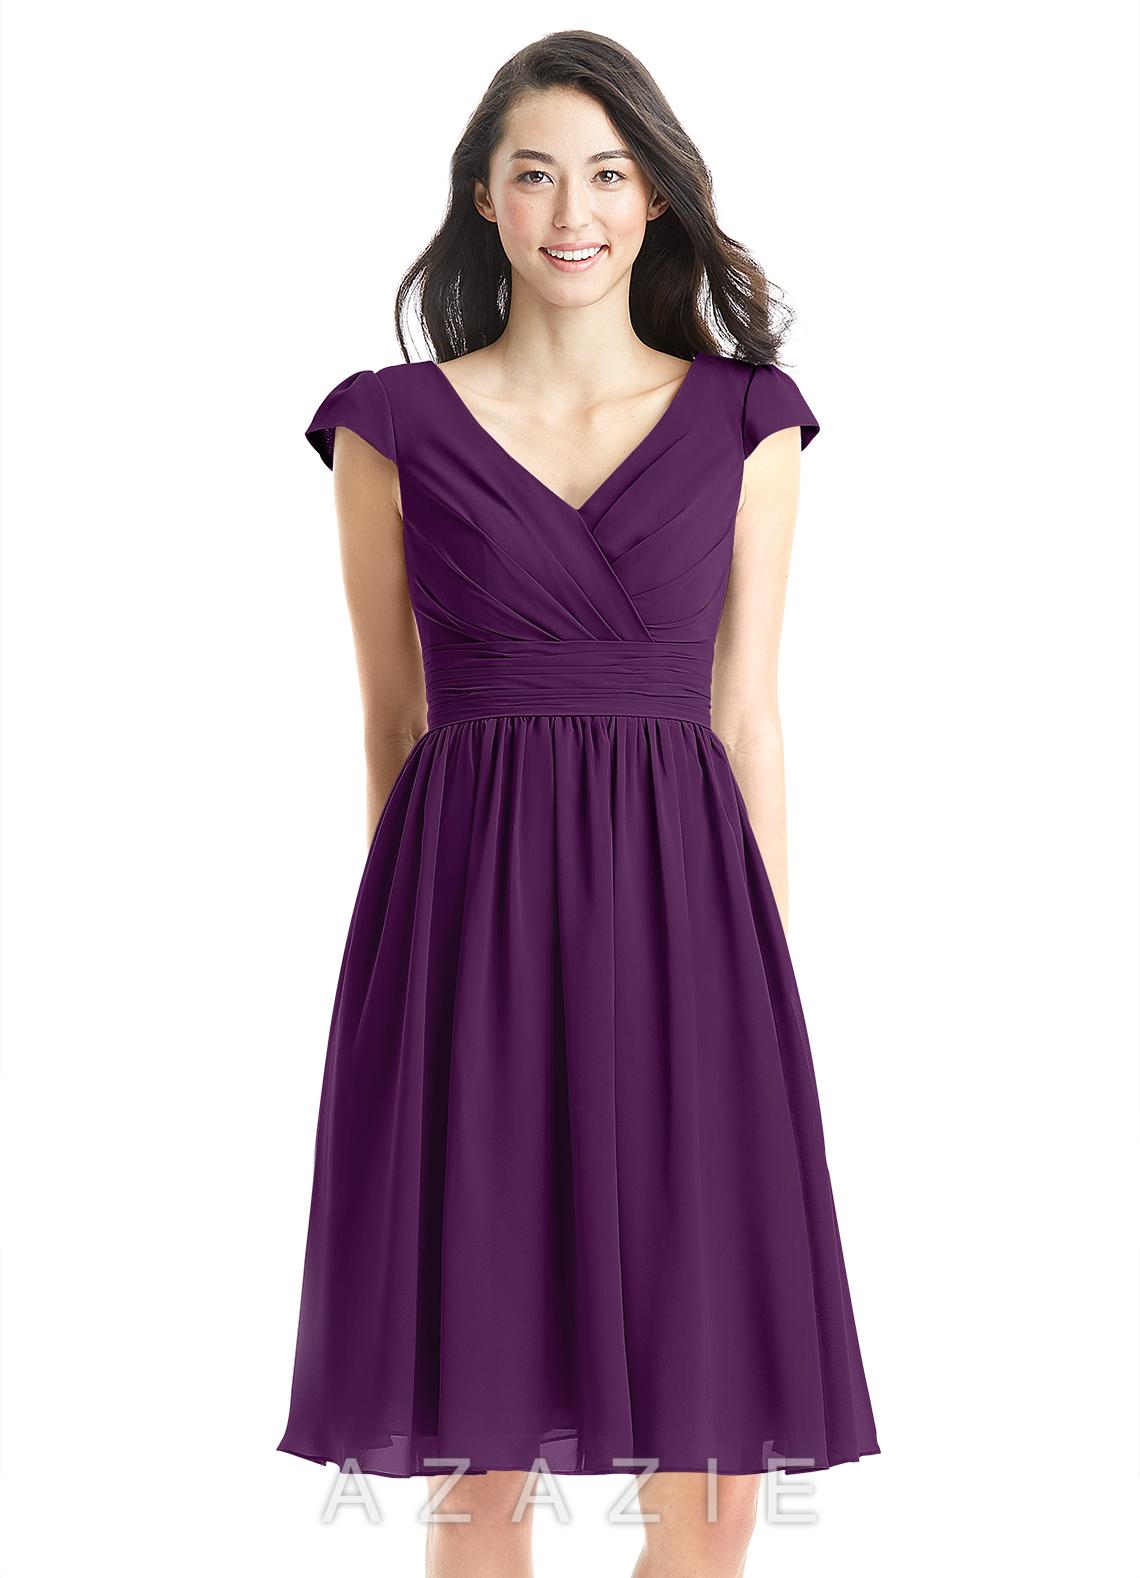 e375afa5e5de Azazie Kierra Bridesmaid Dress | Azazie